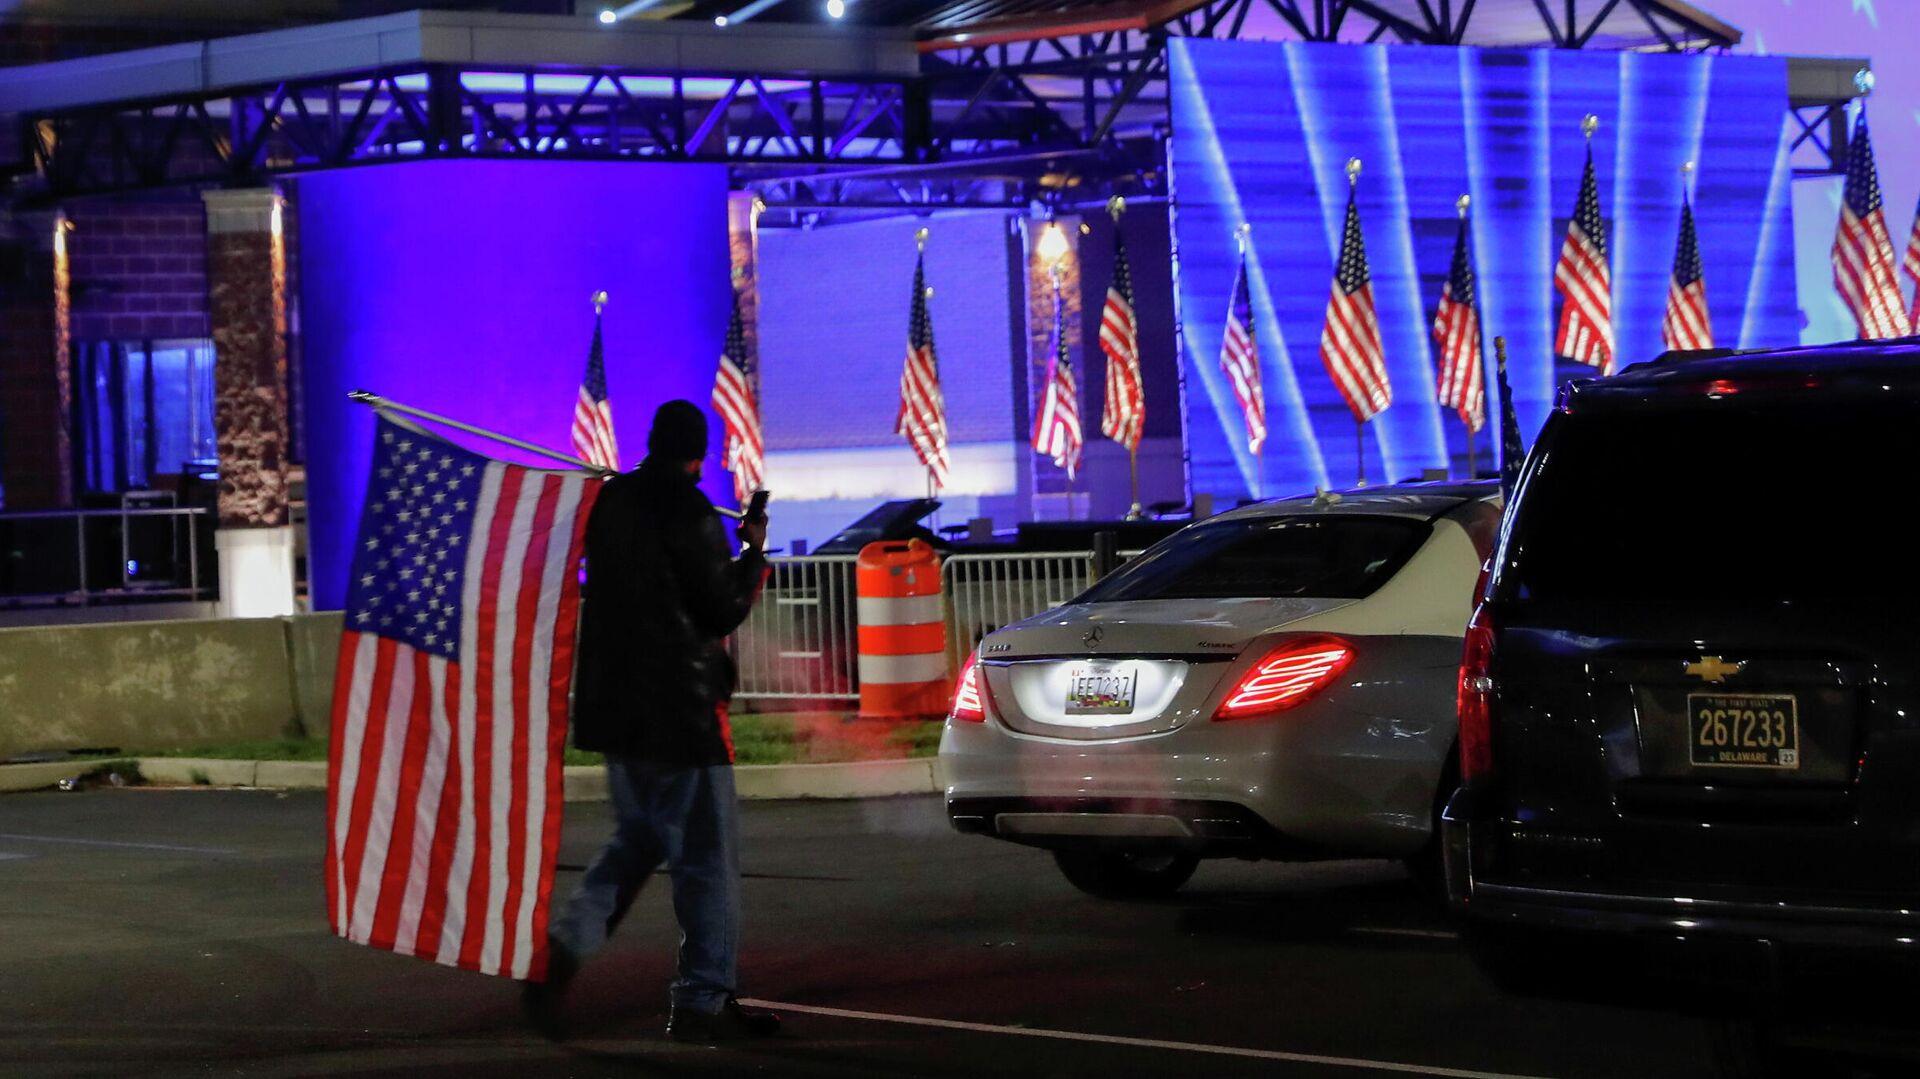 Сторонник кандидата в президенты США Джо Байдена в Уилмингтоне в день выборов президента США - РИА Новости, 1920, 04.11.2020